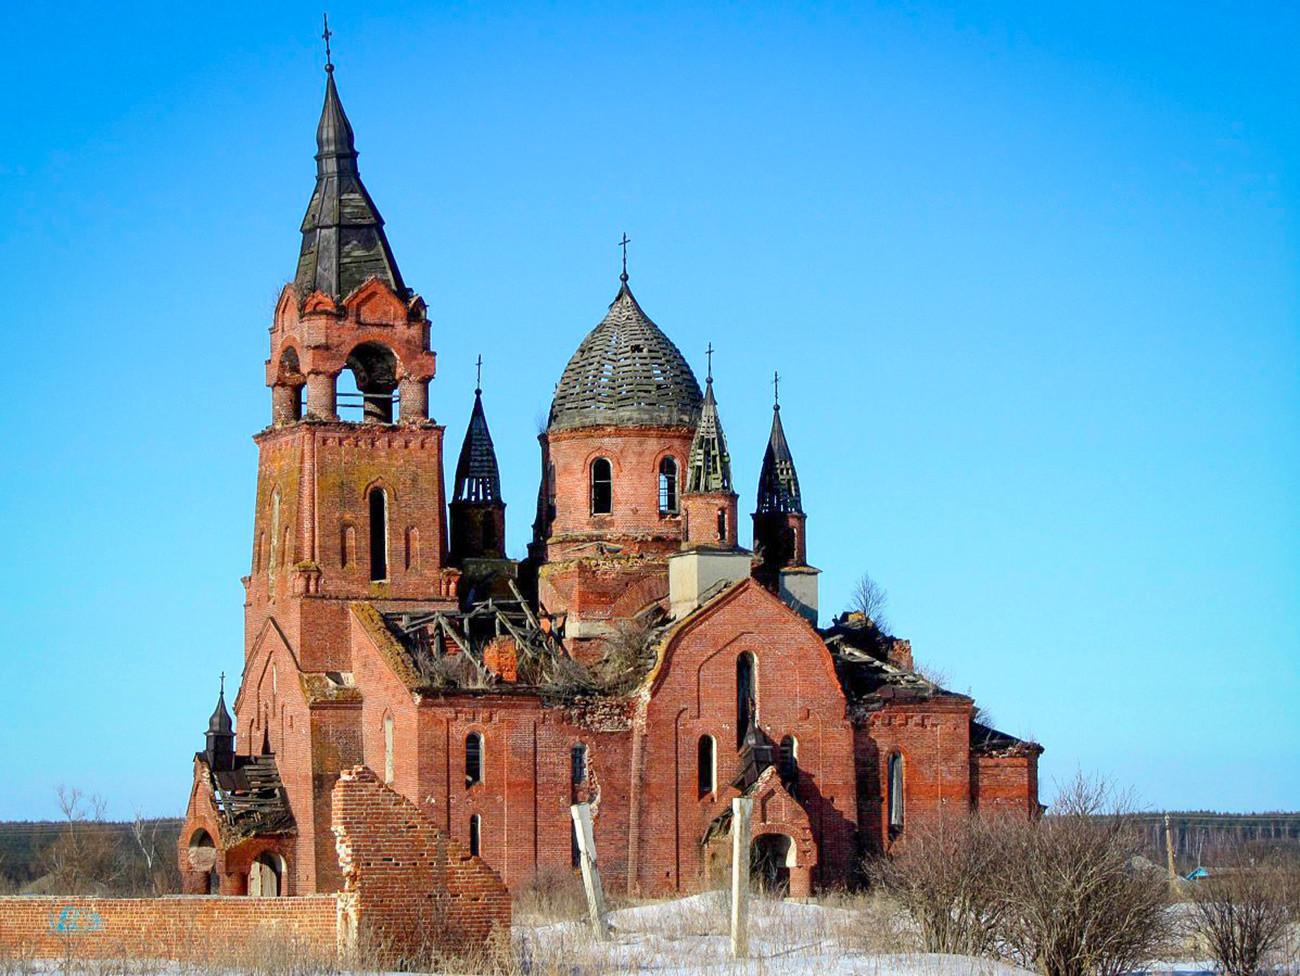 Église de la Présentation, début du XXe siècle, dans le village de Piot (350 km au sud-est de Moscou), région de Riazan.